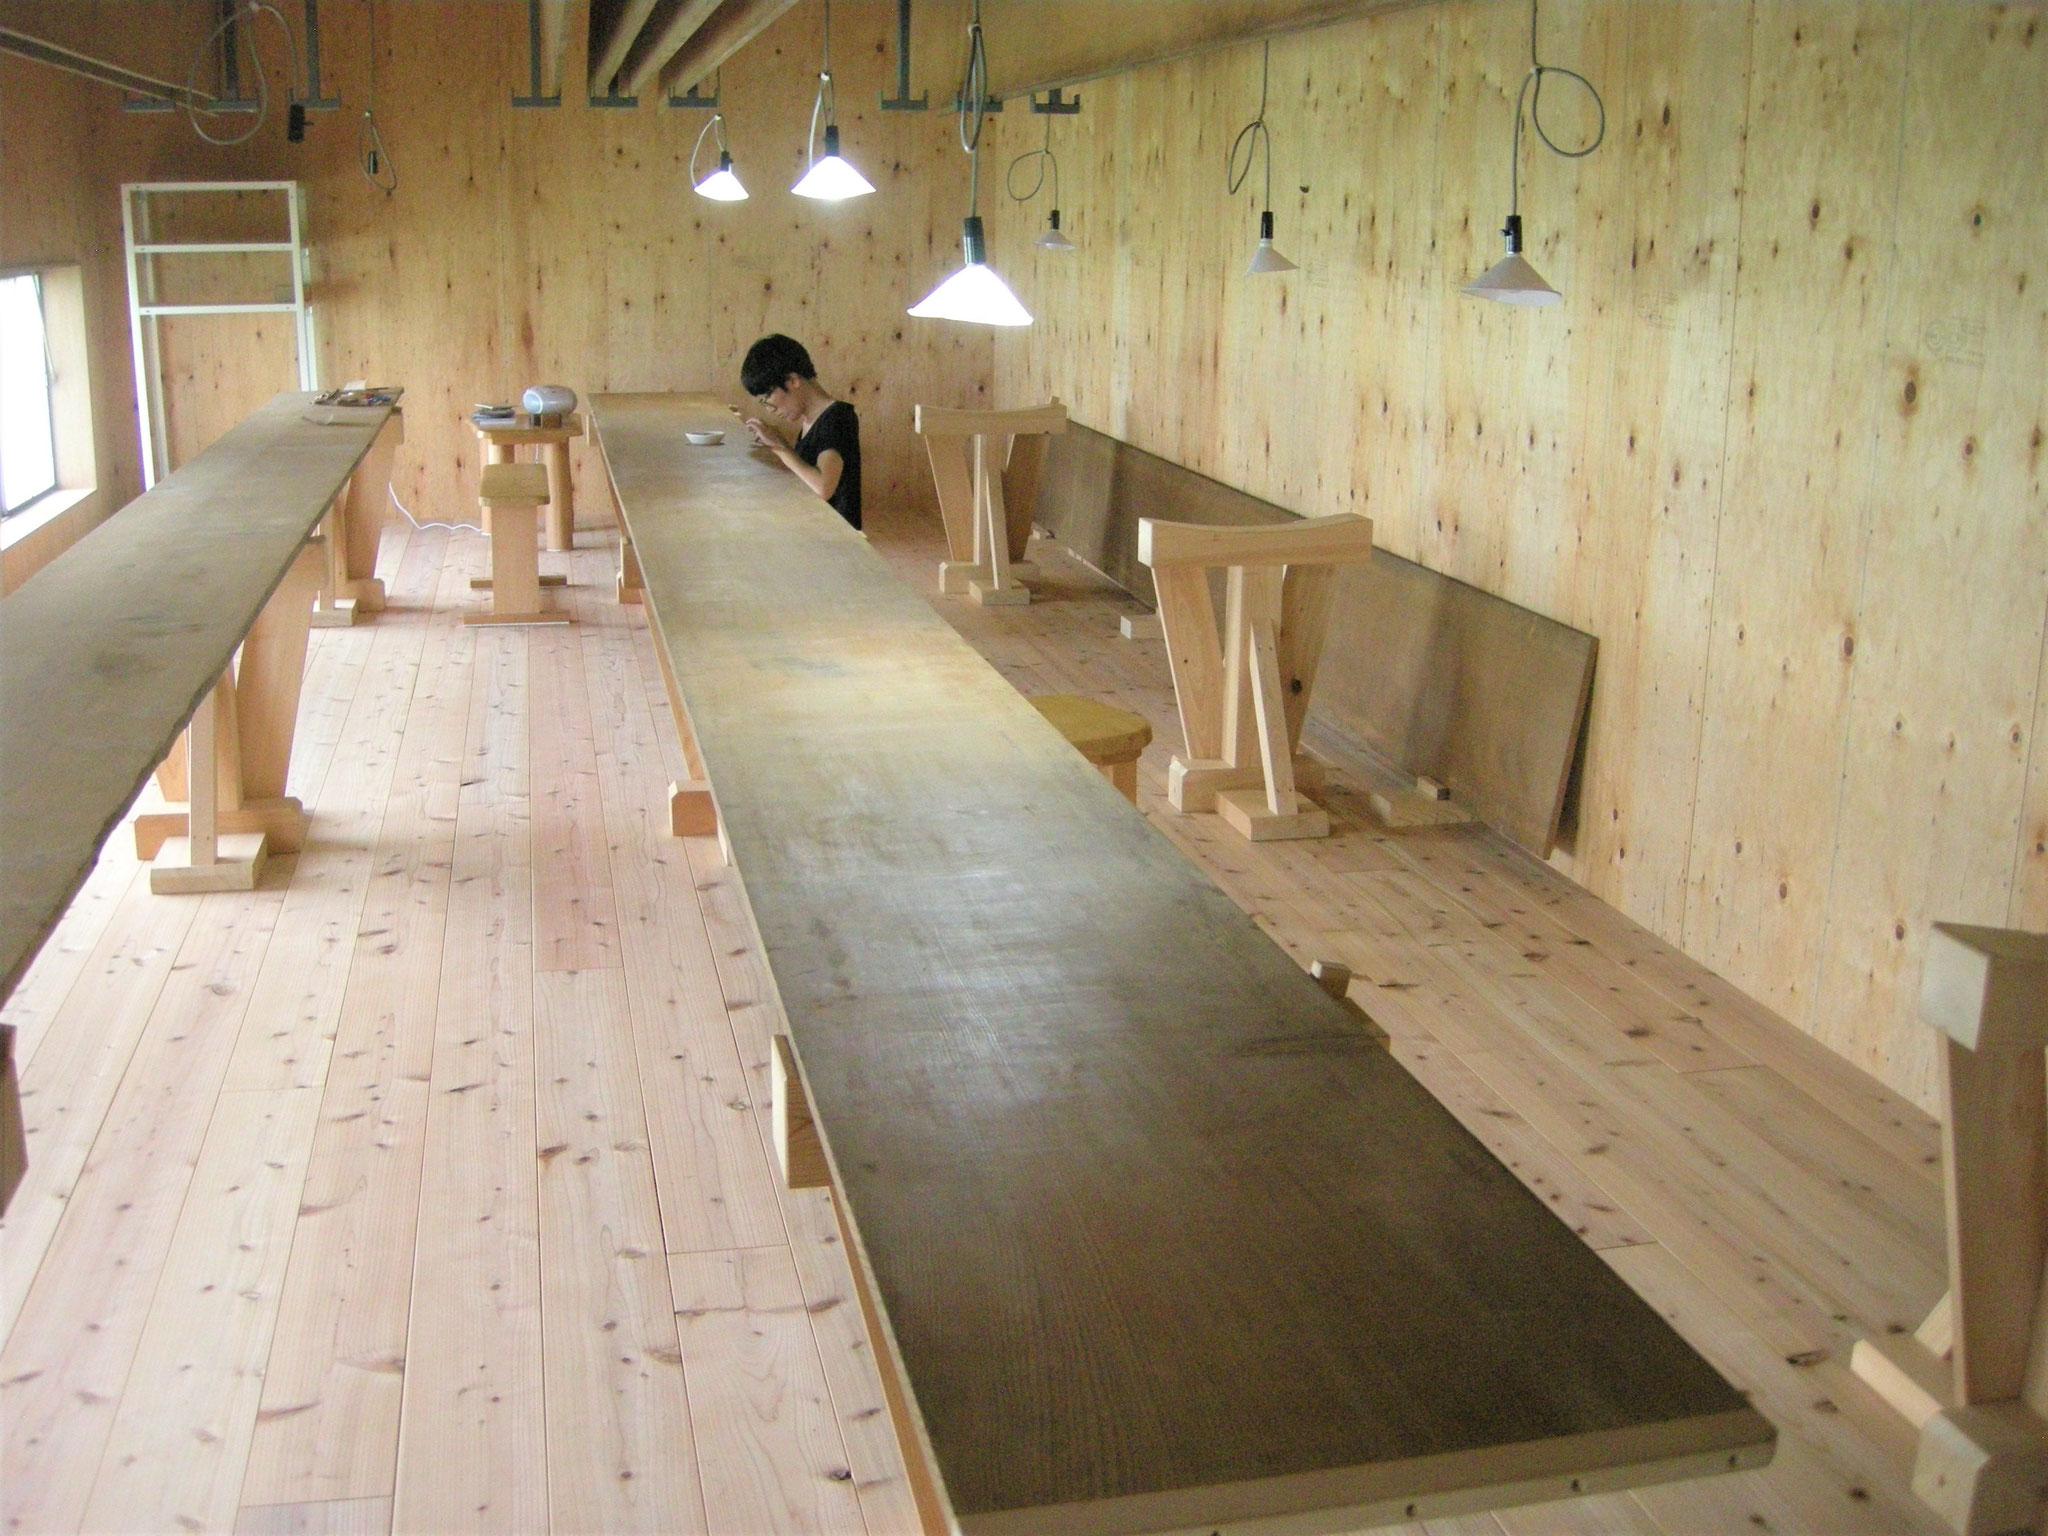 ⦅工程1 地貼り⦆長板を修復し敷糊をする。長板に生地を貼る。